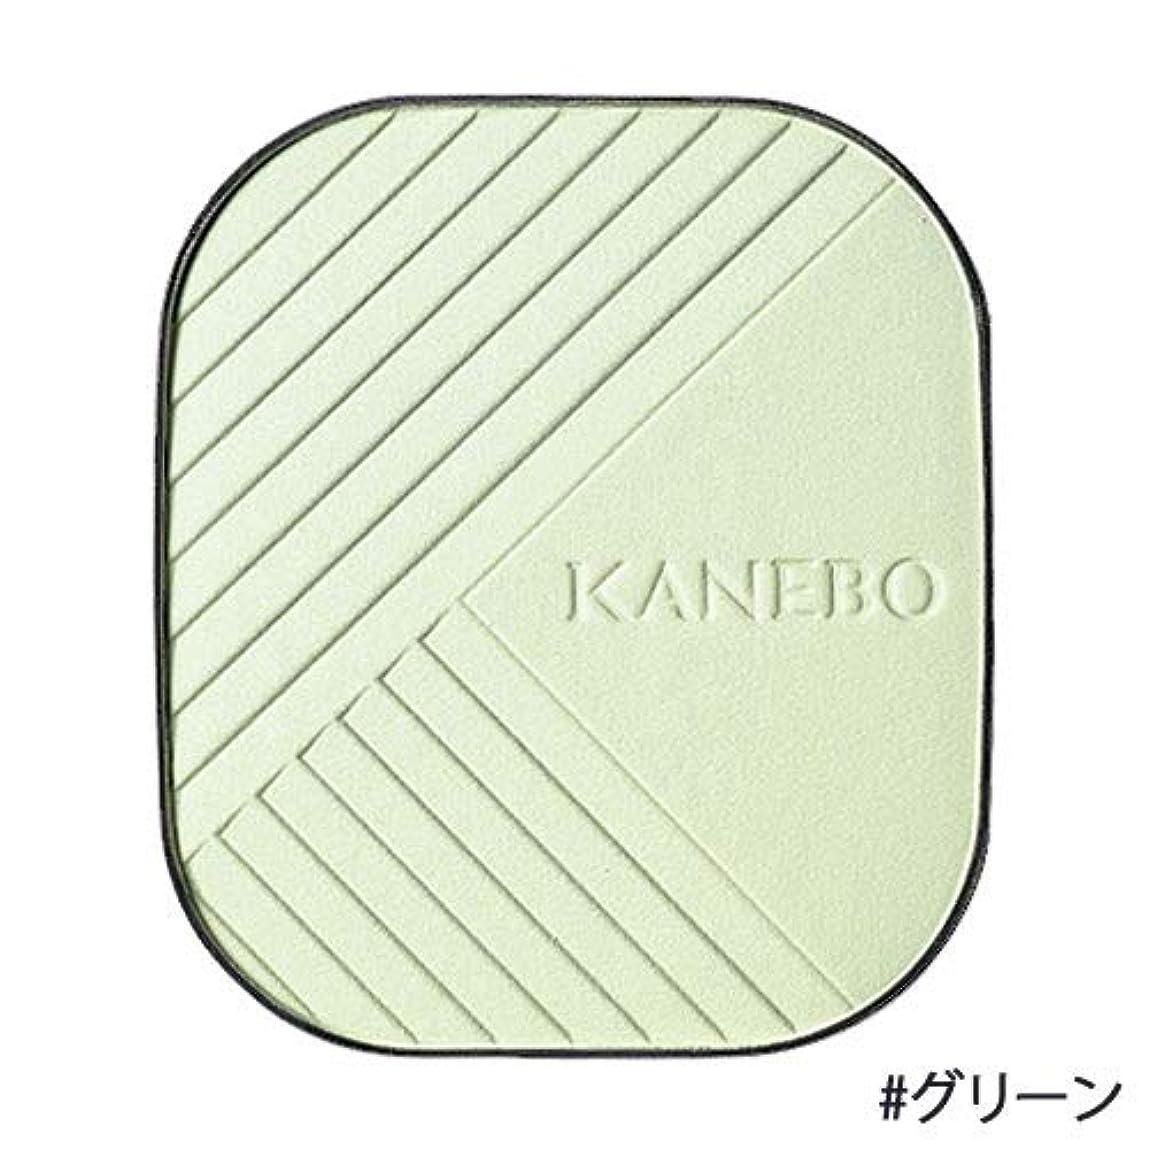 生パントリー狂ったKANEBO カネボウ ラスターカラーファンデーション レフィル グリーン/GN 9g [並行輸入品]